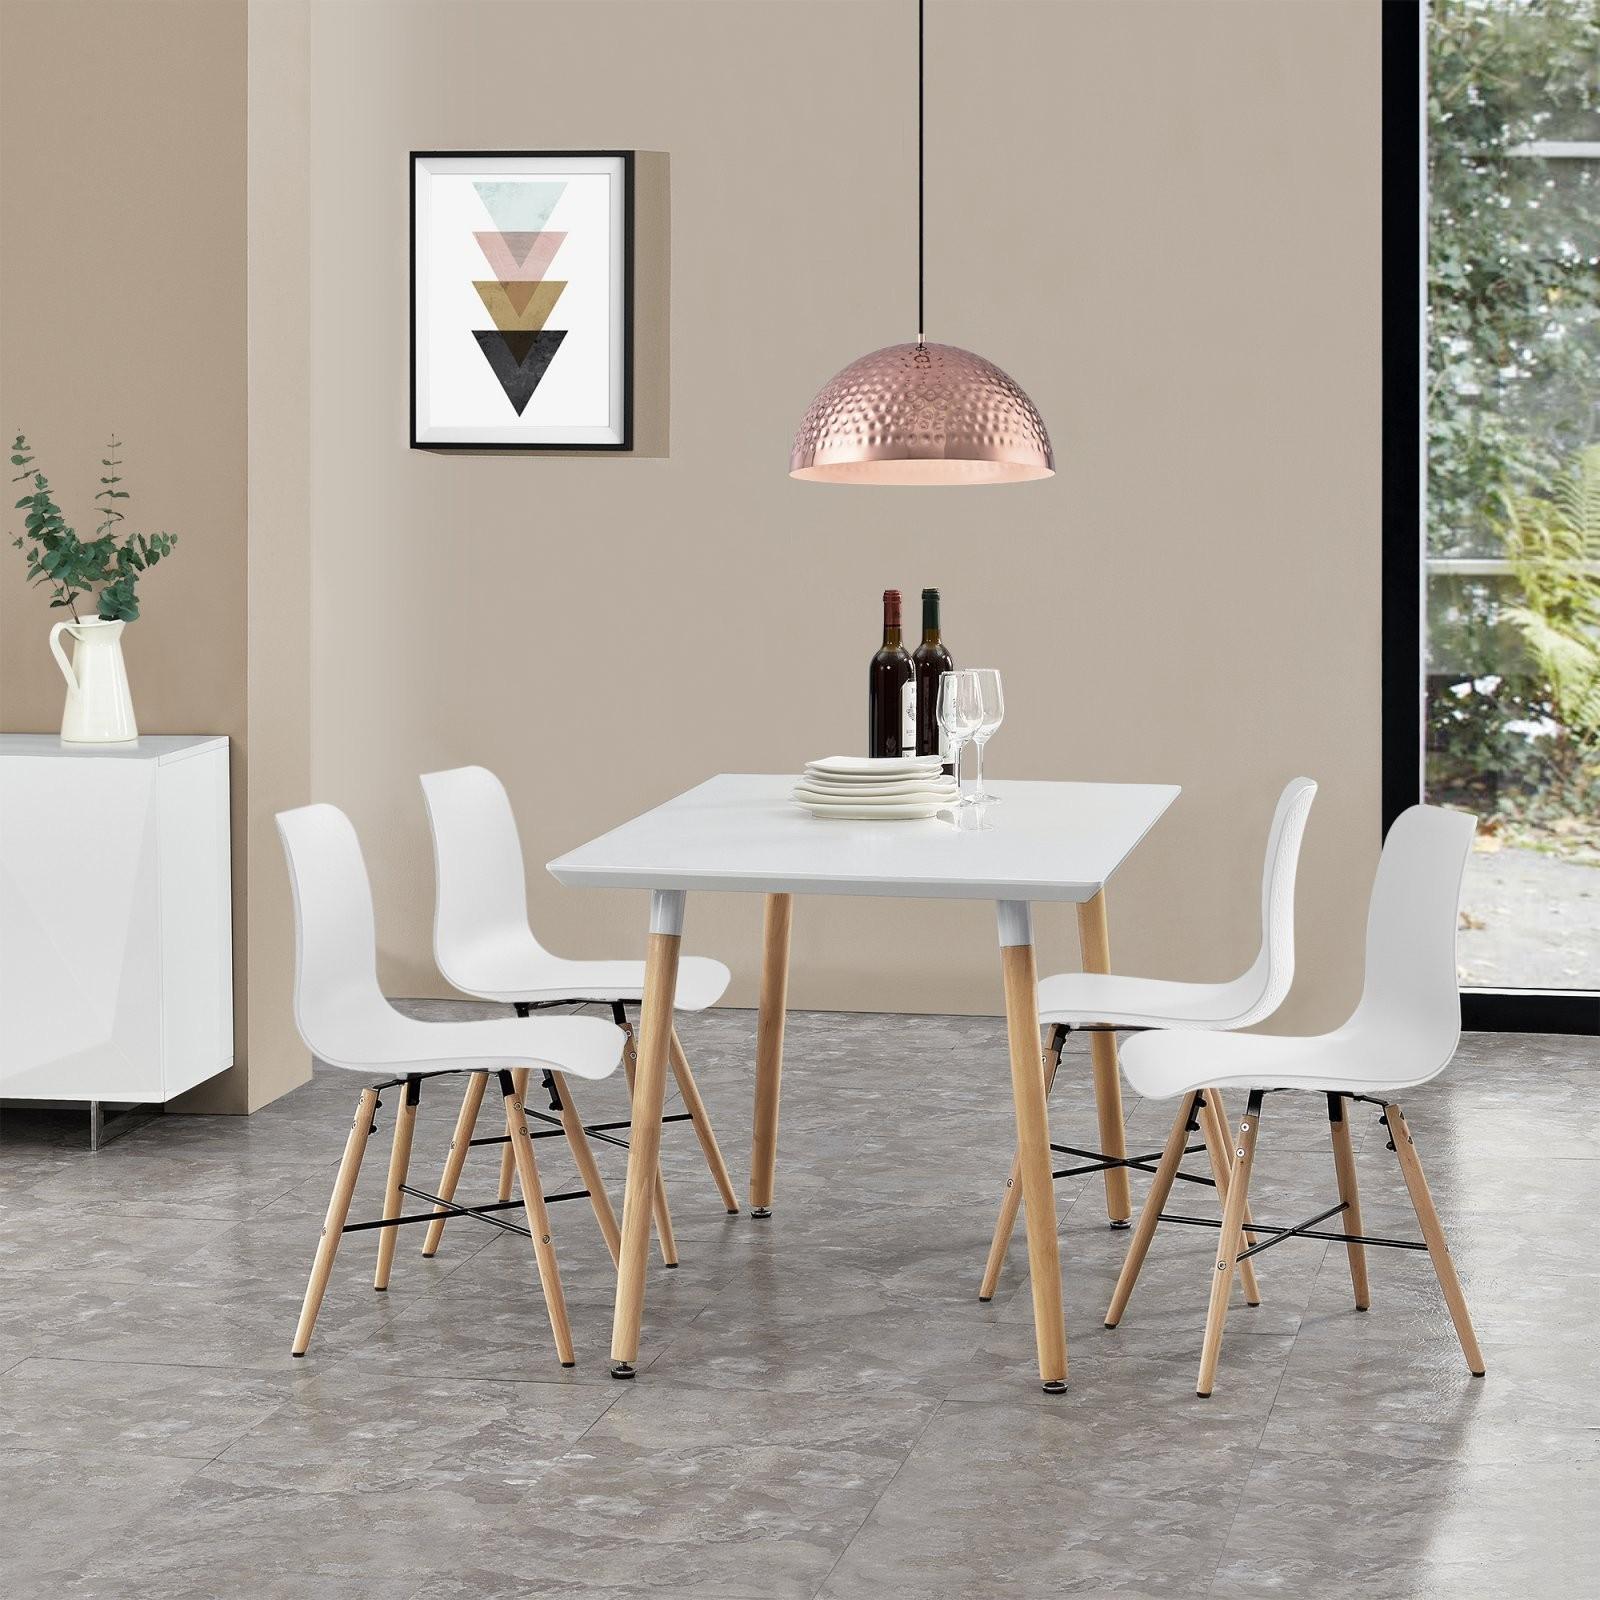 Esstisch Mit 4 Stühlen Weiß 120X70Cm Küchentisch Stühle Mit Muster von Küche Tisch Und Stühle Bild